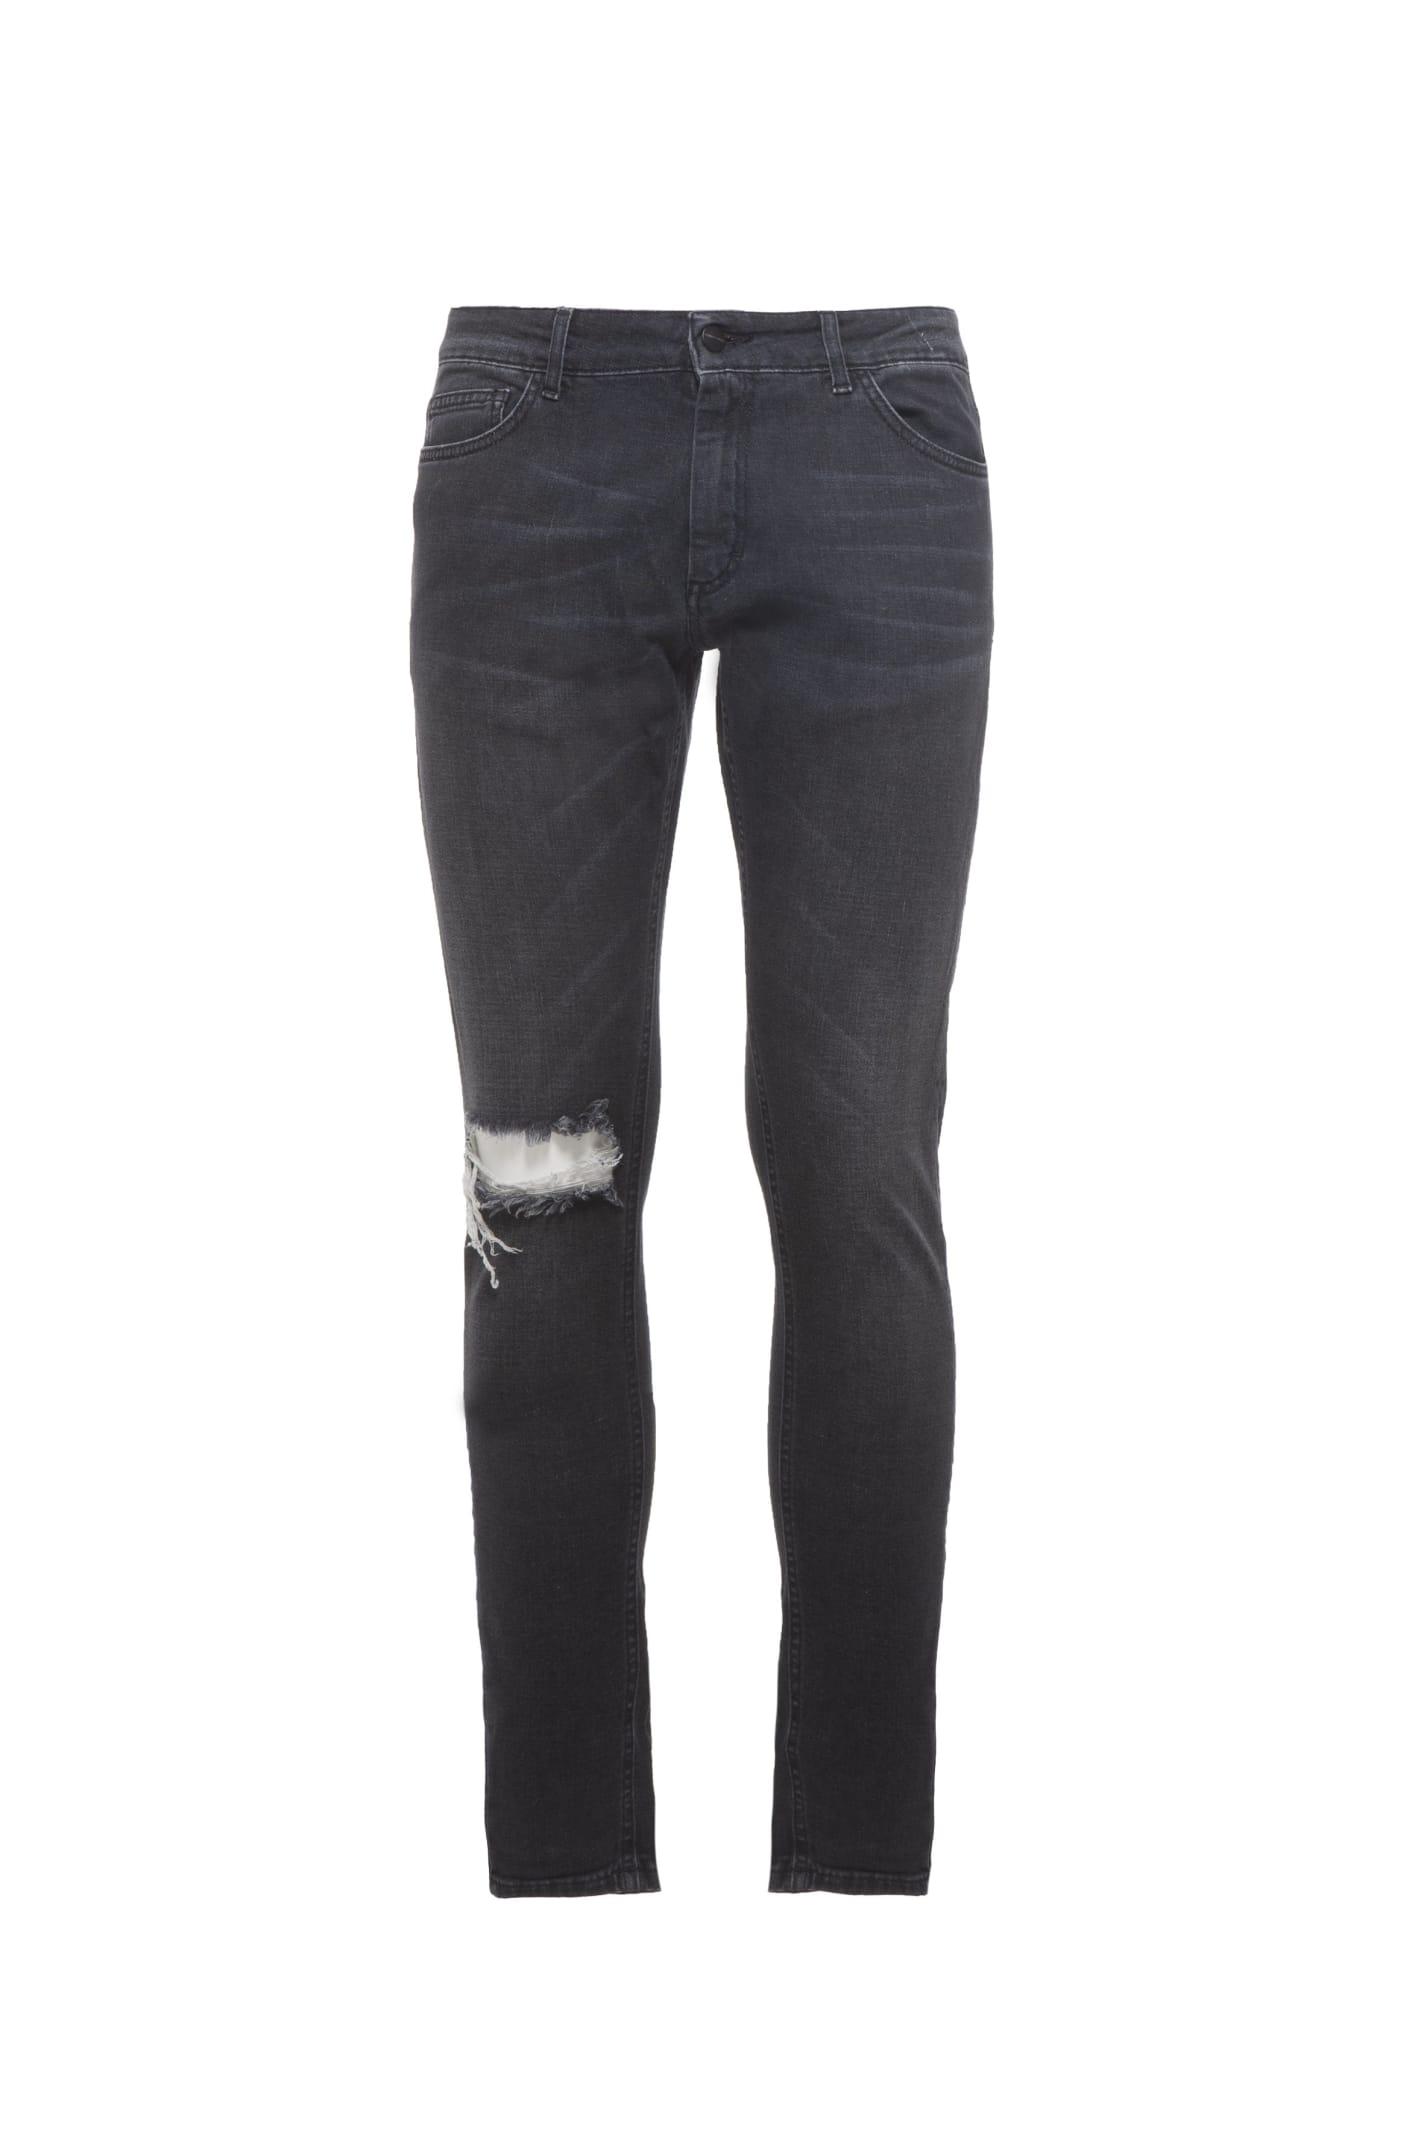 Jeans Denim Washed Black